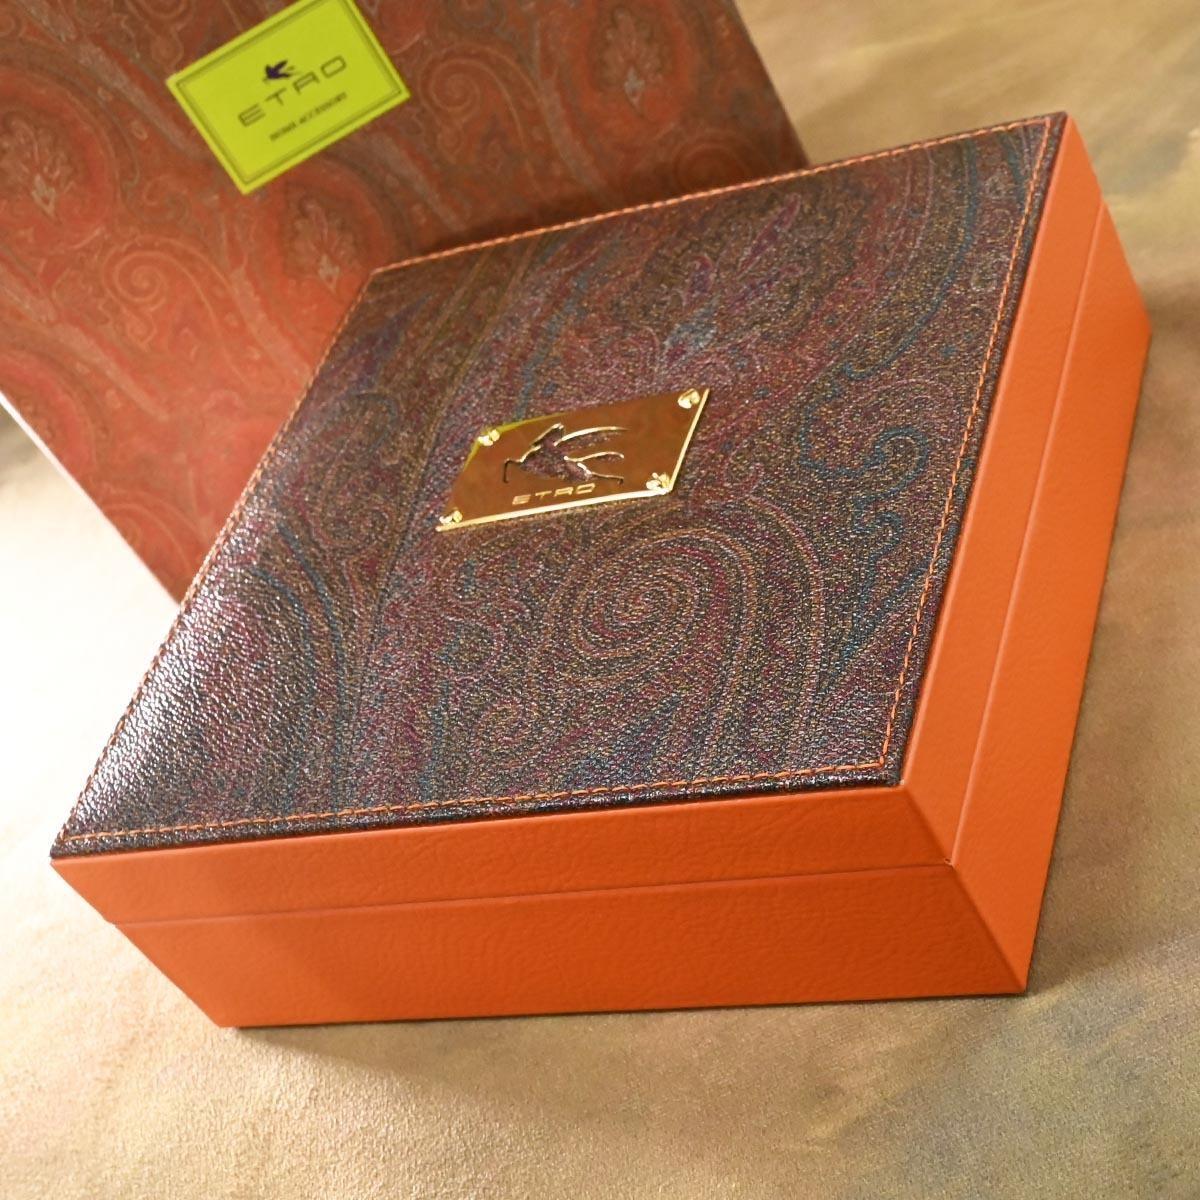 本物 新品 エトロ 極希少 4×3 ペガソプレート ペイズリー ジュエリーボックス 宝石箱 アクセサリーケース キャリングバッグ 保存箱付 ETRO_画像3